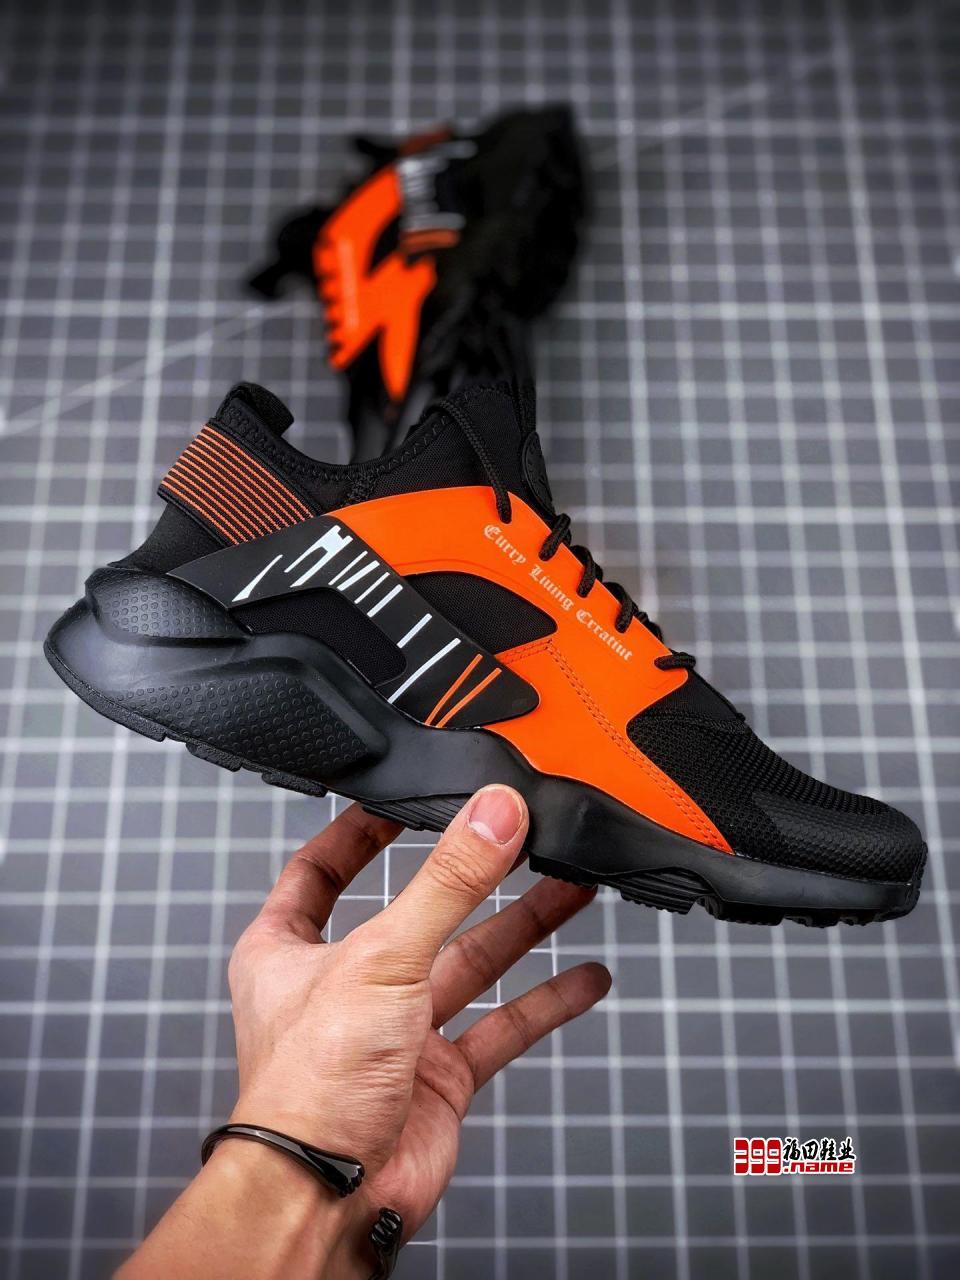 Nike Air huarache Ultra Suede ID 黑橘 华莱士4代 货号:819685-058